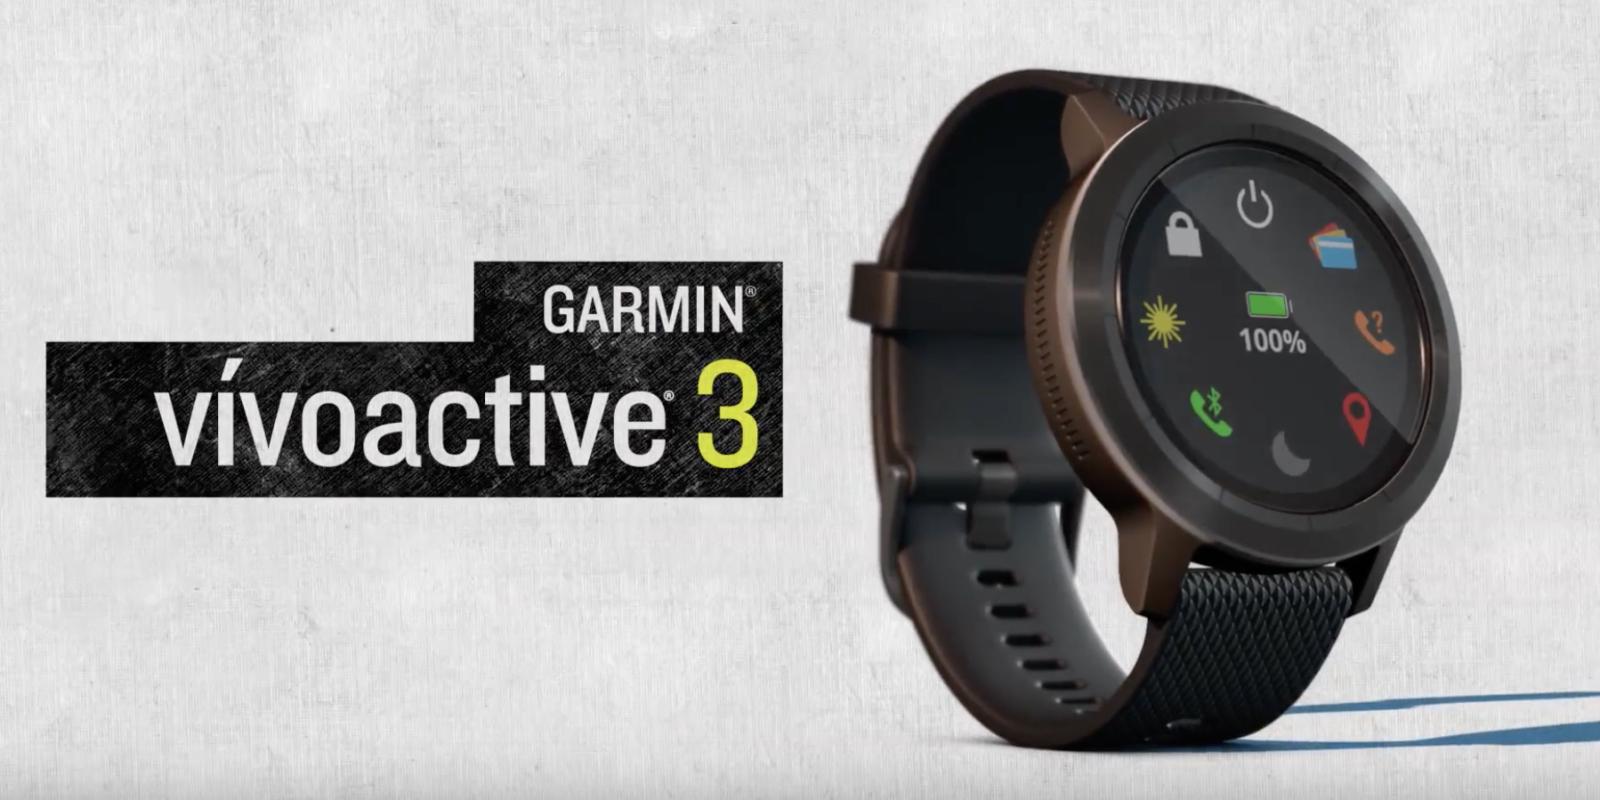 garmin vivoactive 3 pros and cons